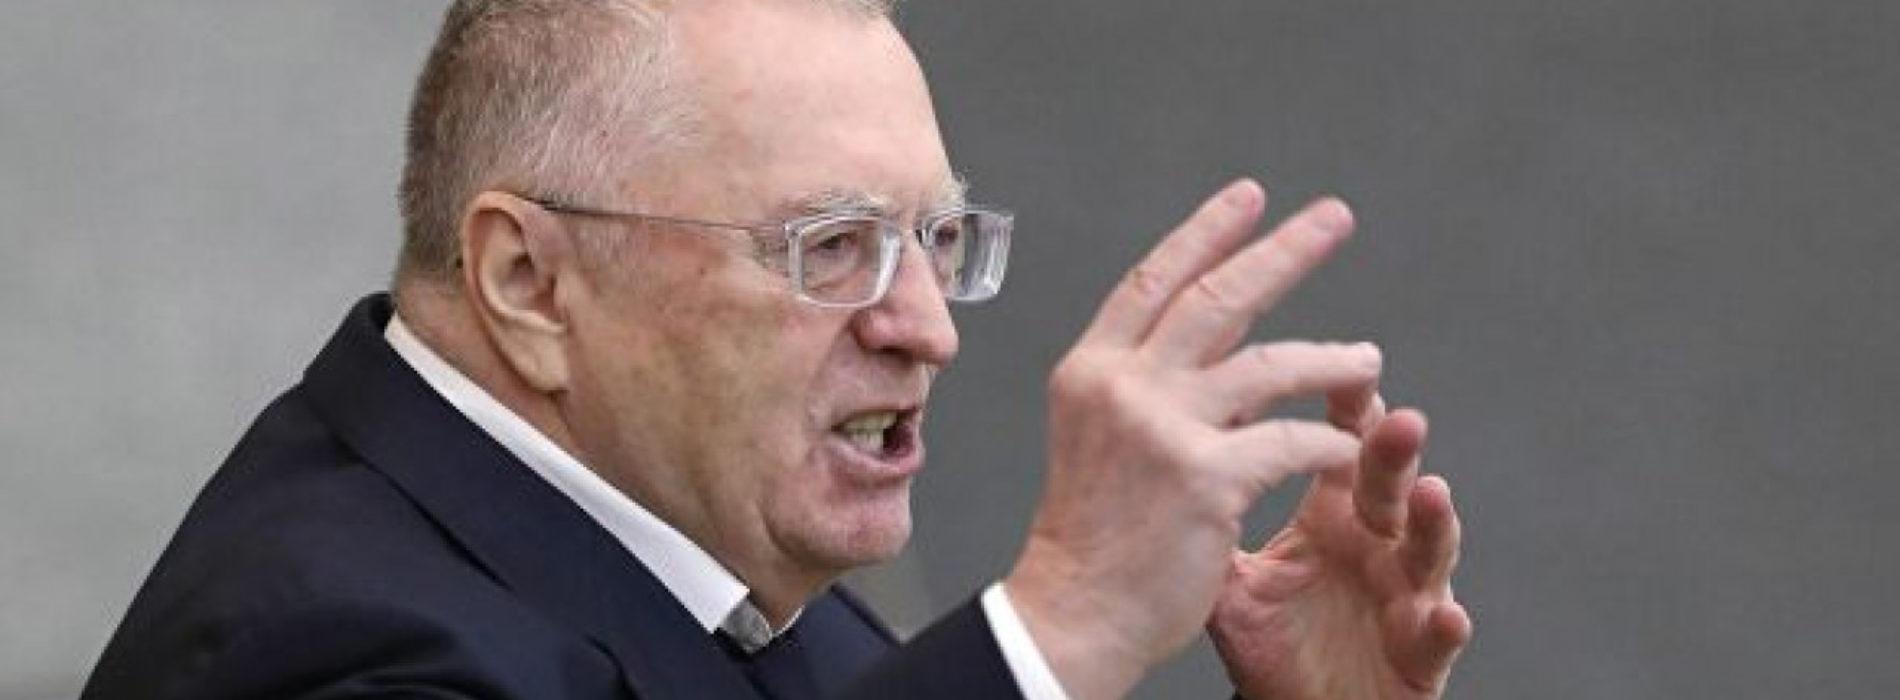 Депутат предложил ввести запрет на обучение детей чиновников за рубежом